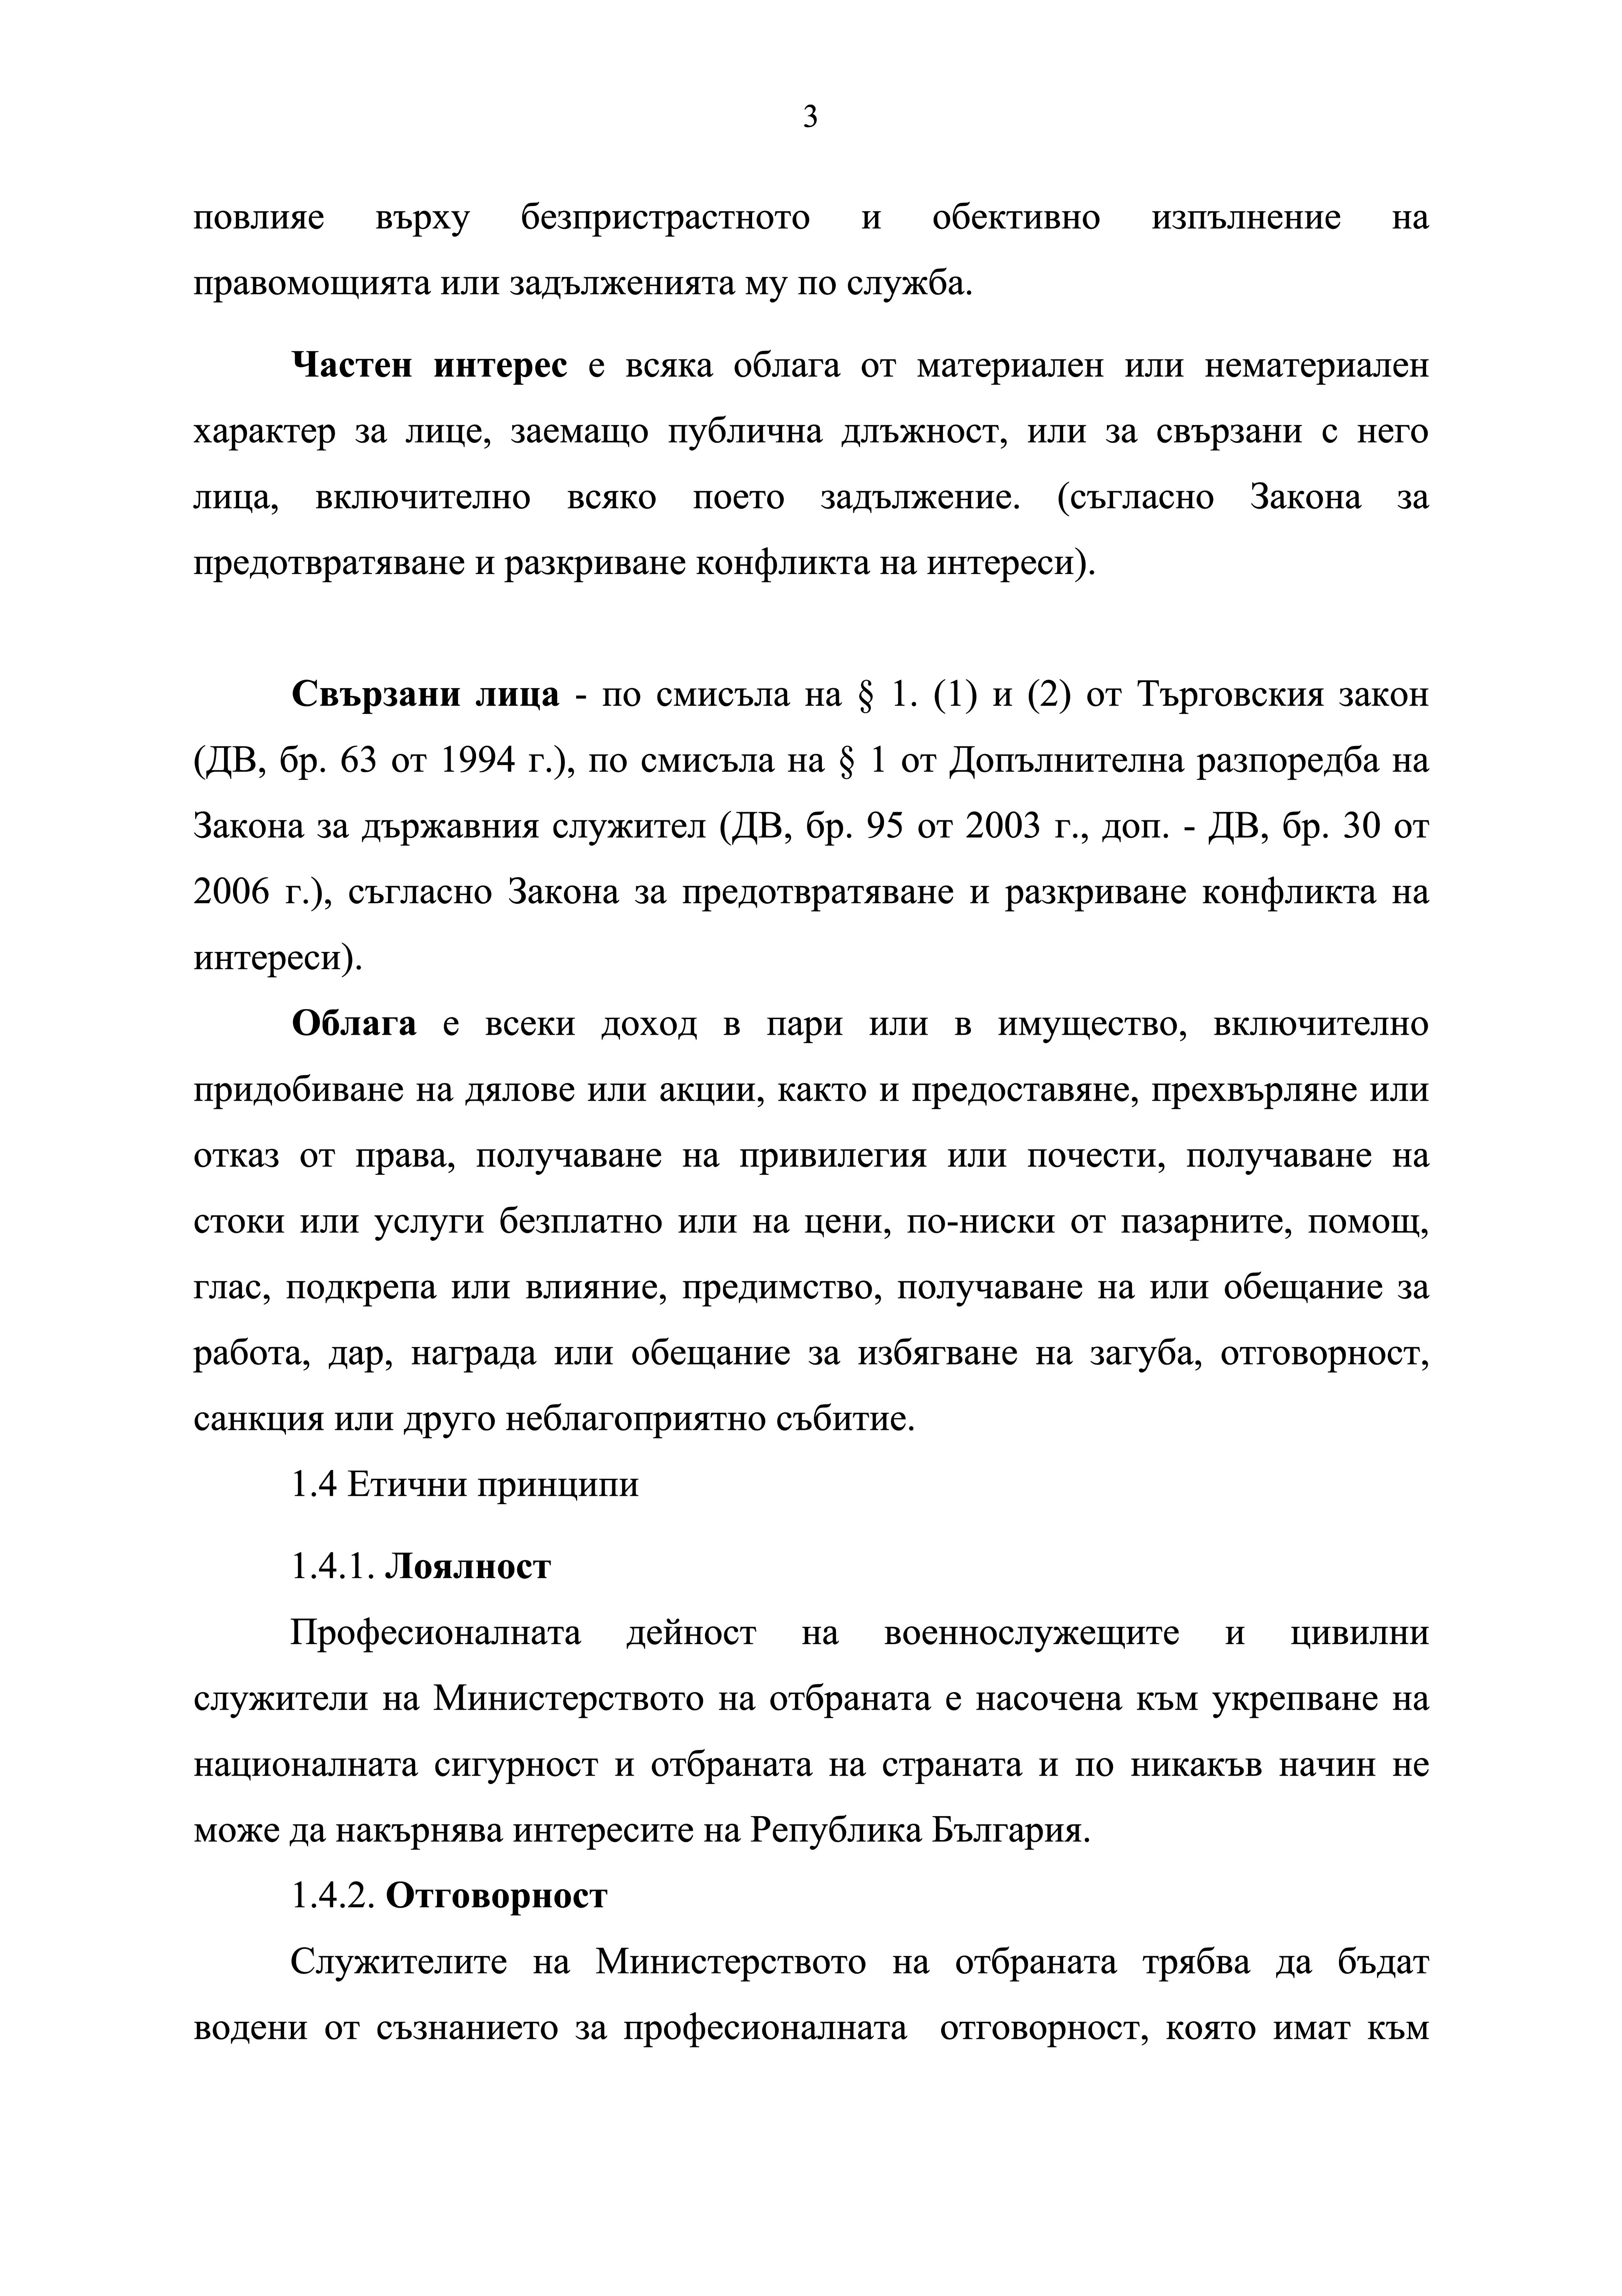 kodeks_etichno_povedenie_003